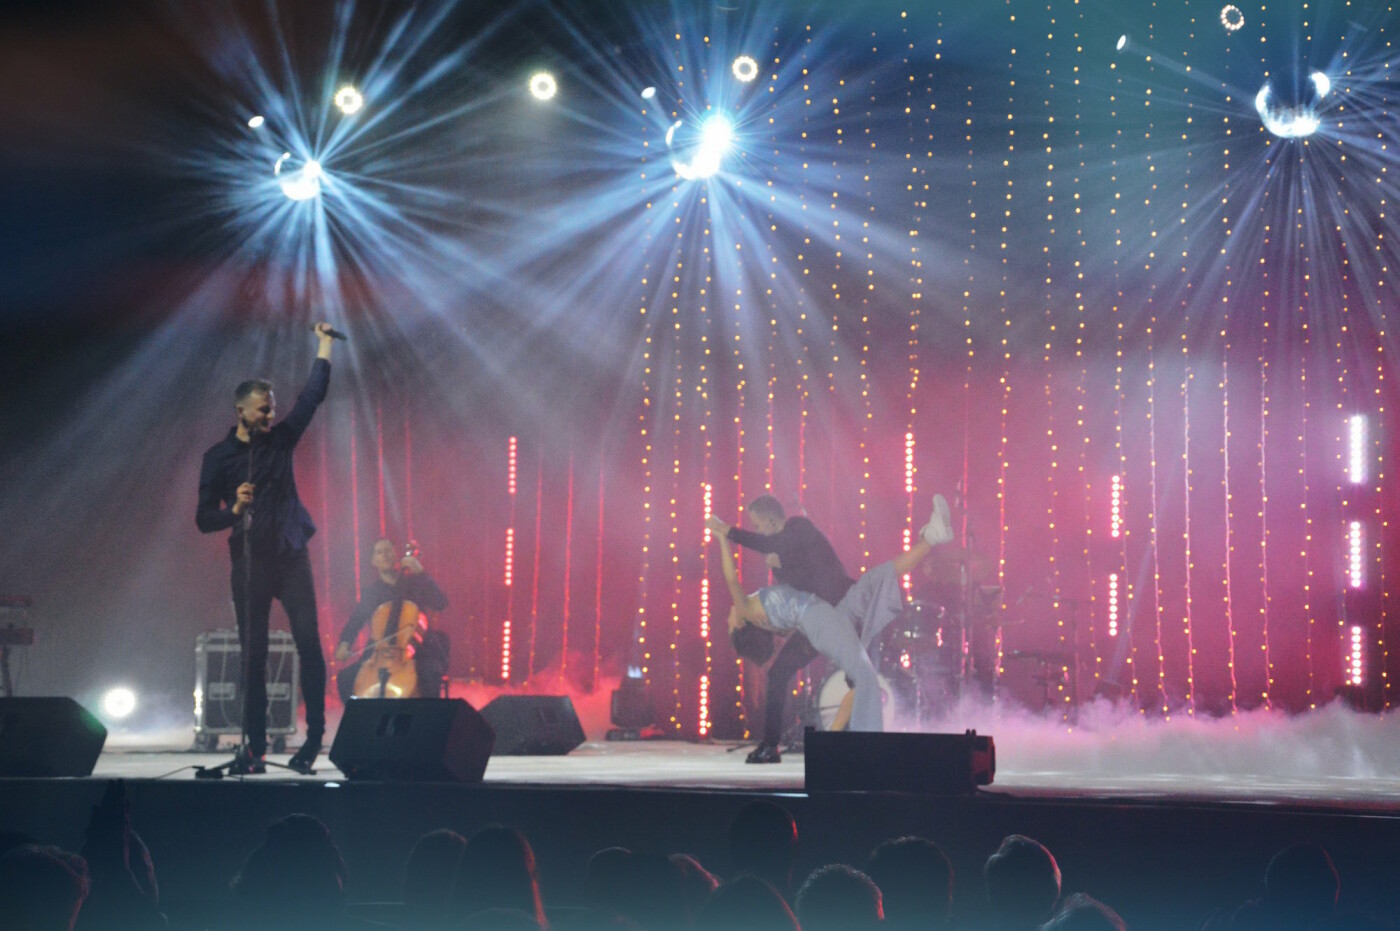 Šventinį koncertų turą pradėjusi Jurga išpakavo kalėdines staigmenas klausytojams, nuotrauka-5